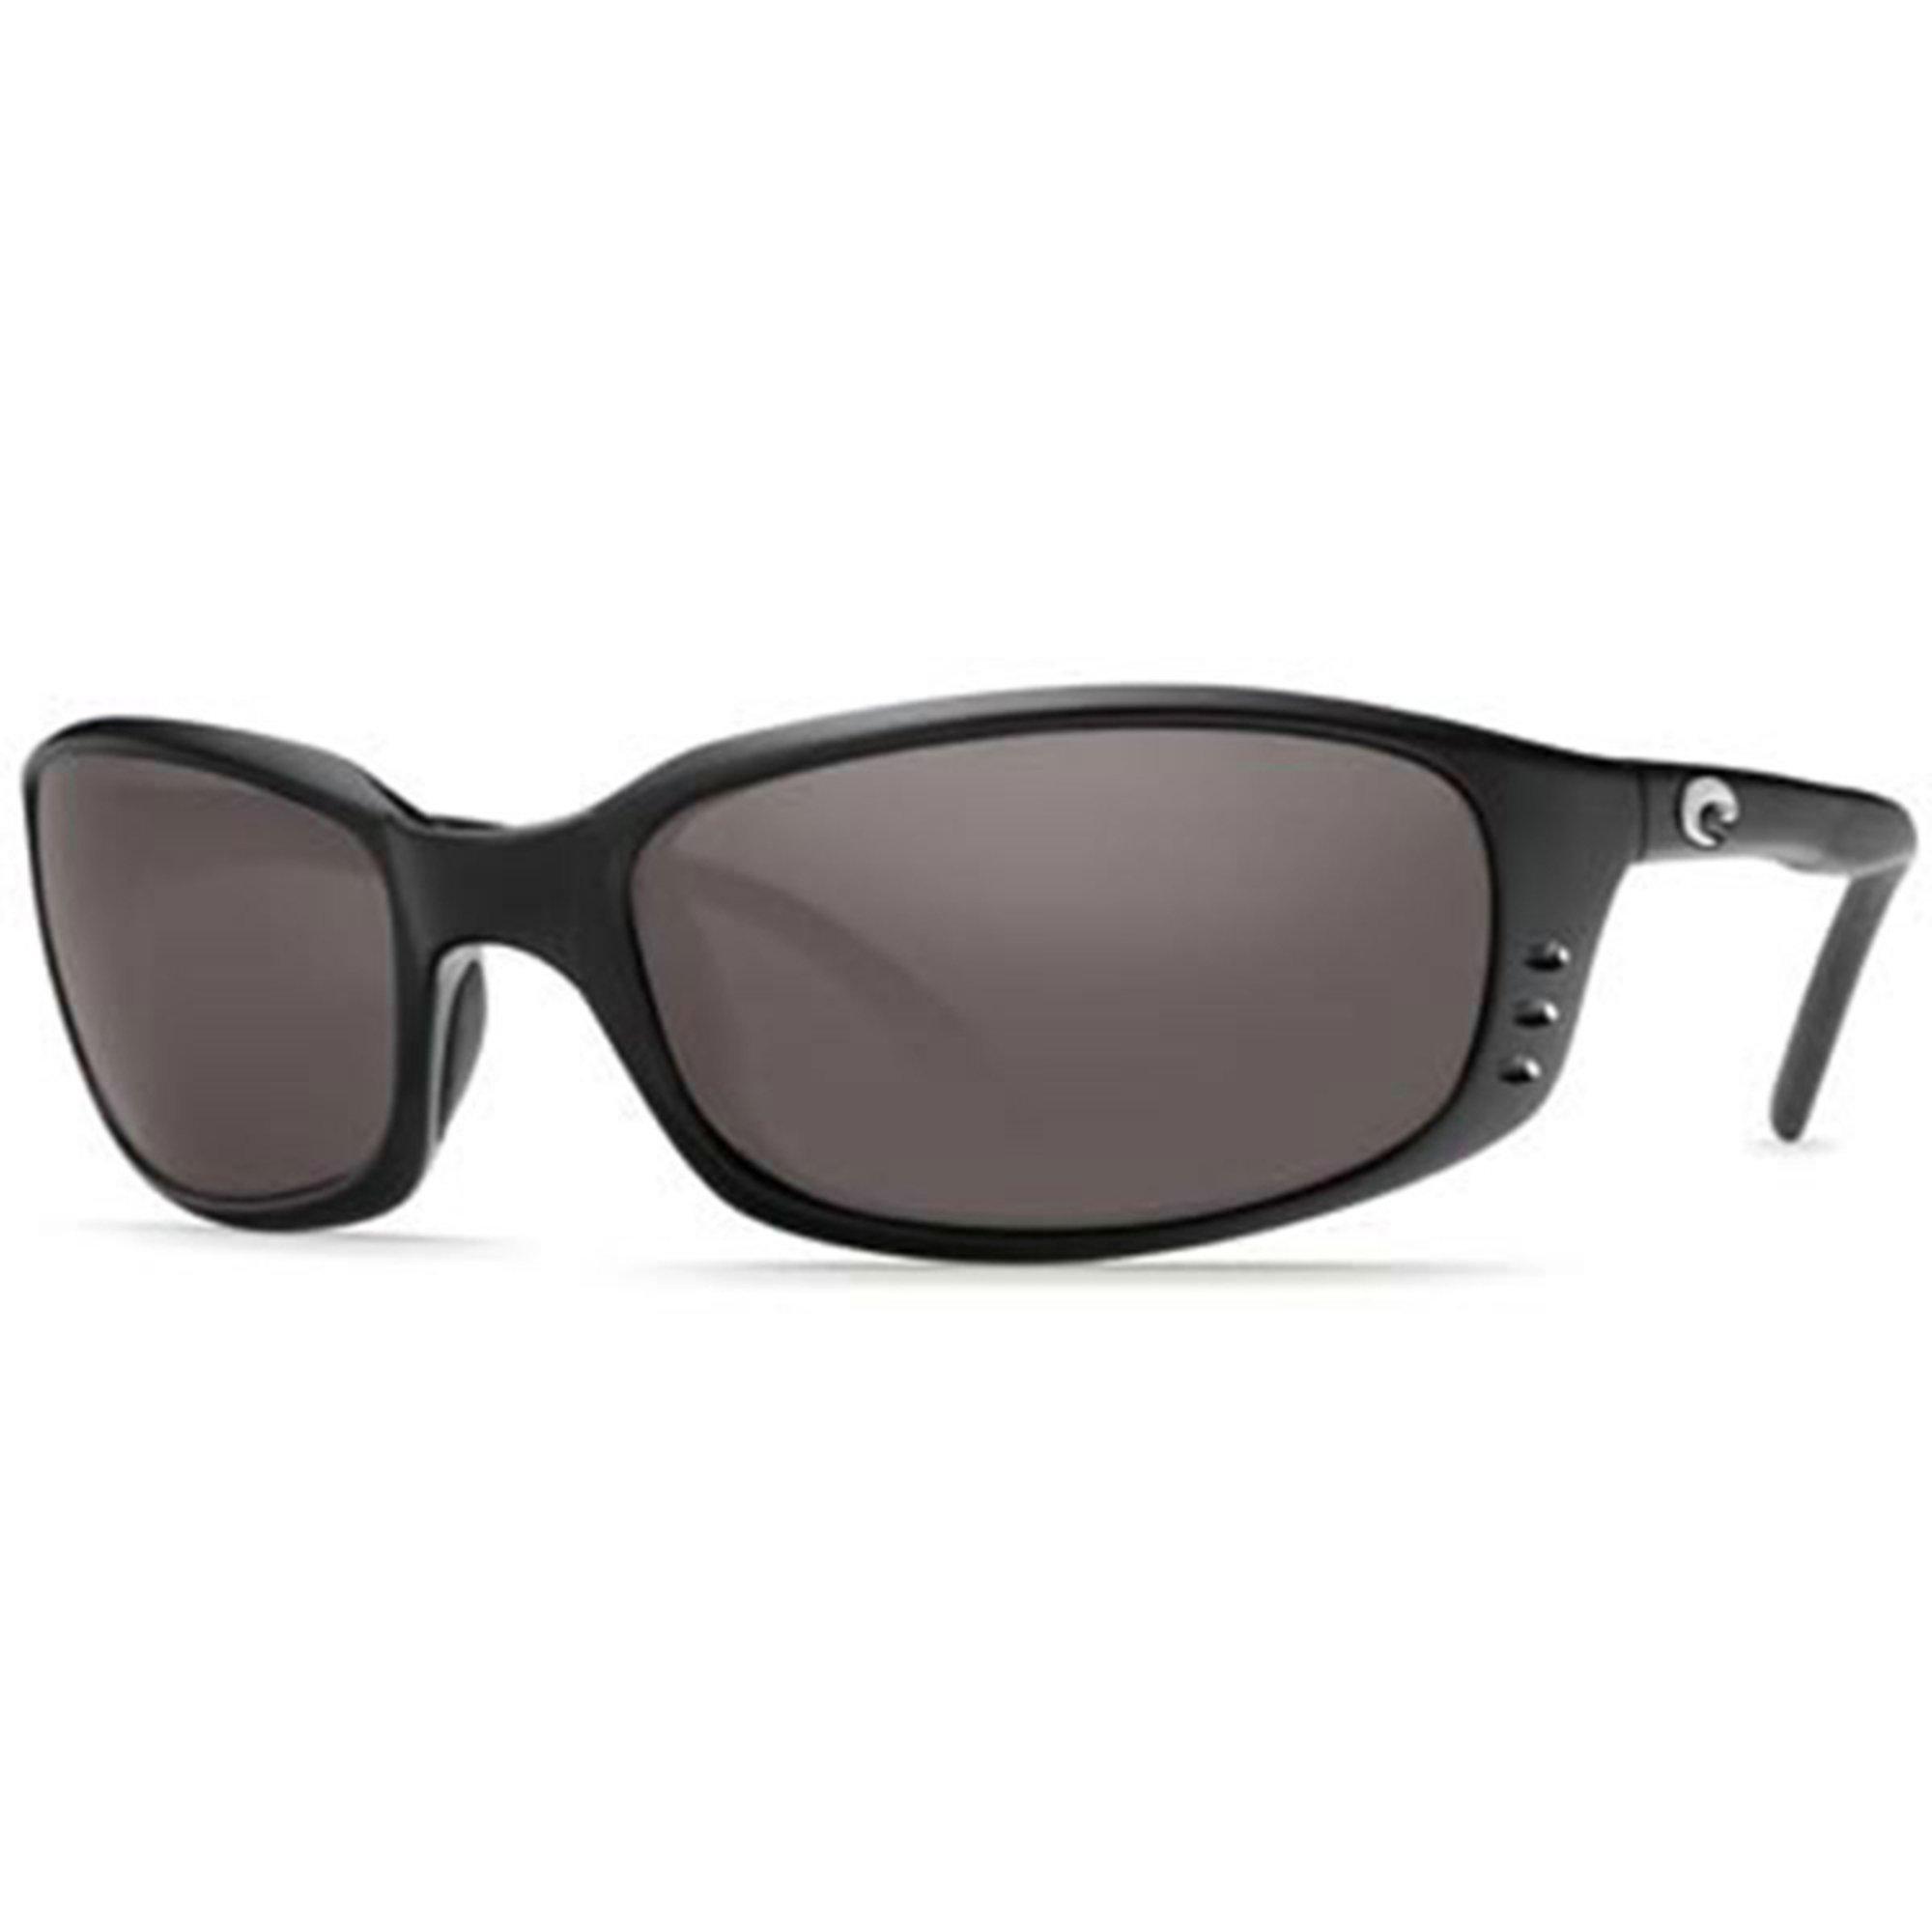 acf2e7c377 Costa del Mar. Costa Del Mar Unisex Polarized Brine Sunglasses